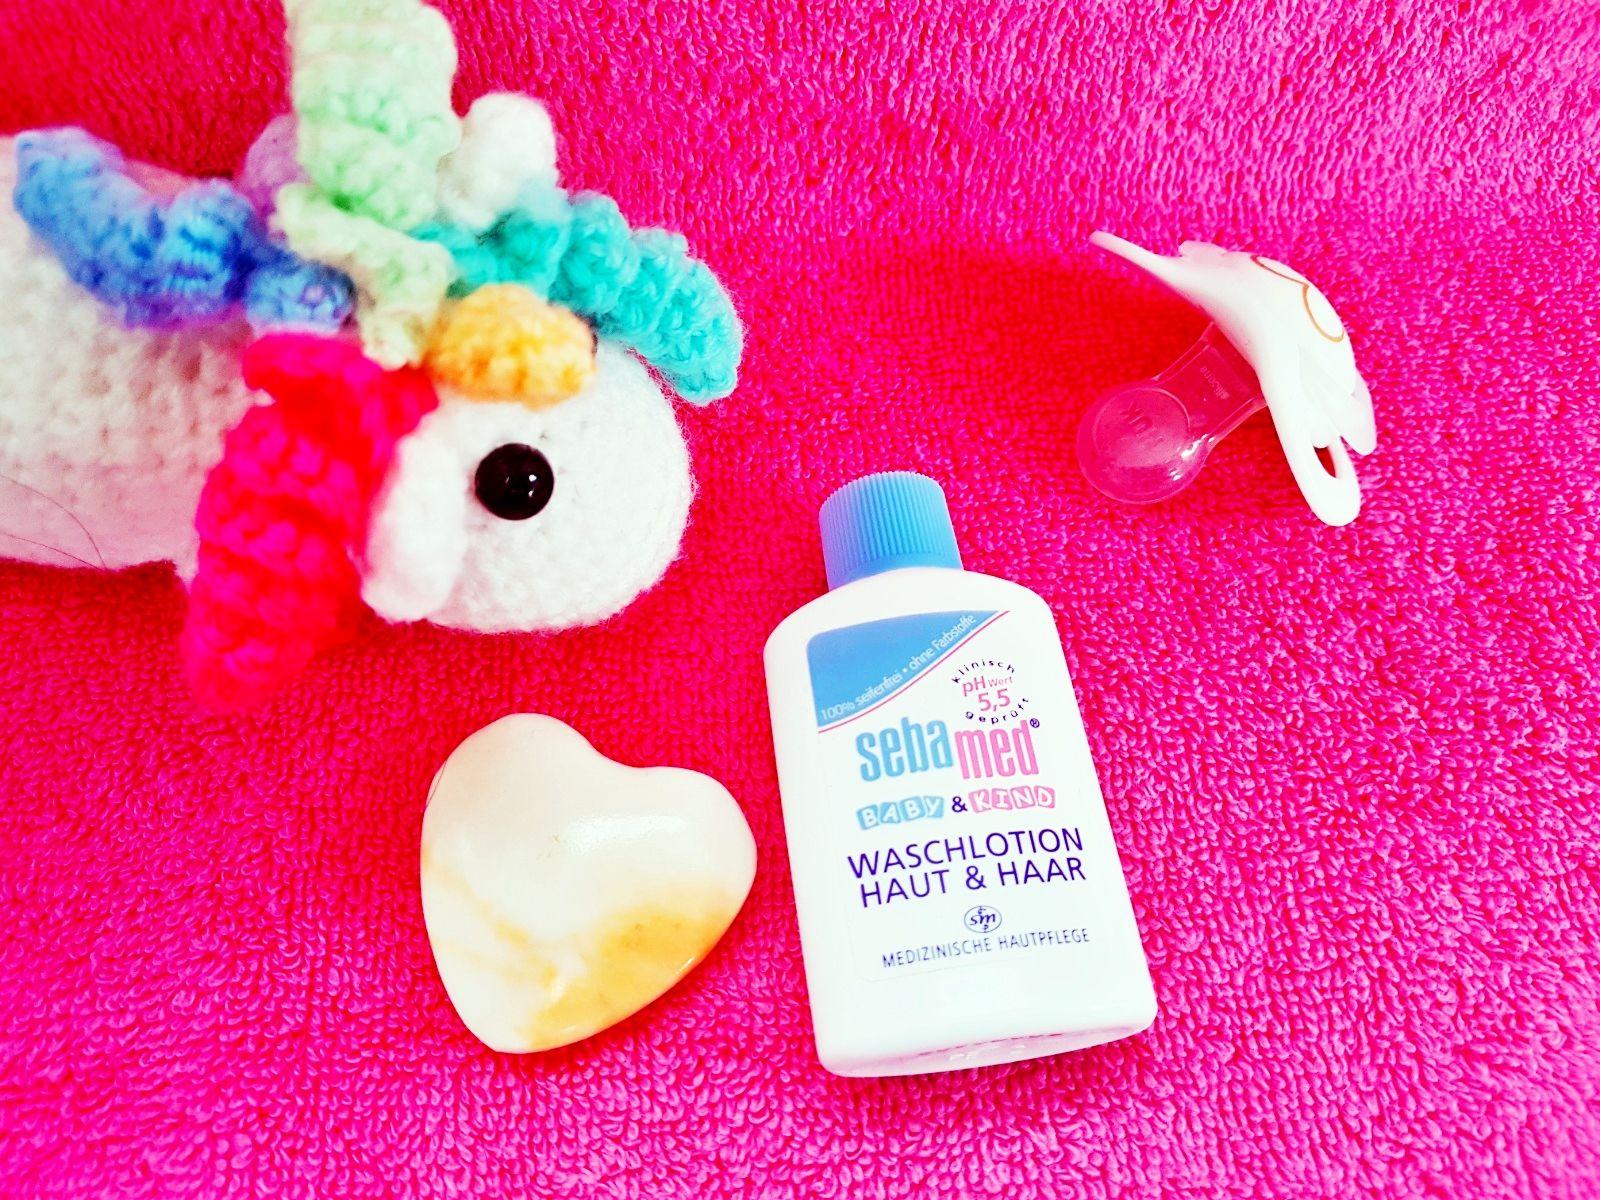 Sebamed Baby & Kind Waschlotion Haut & Haar